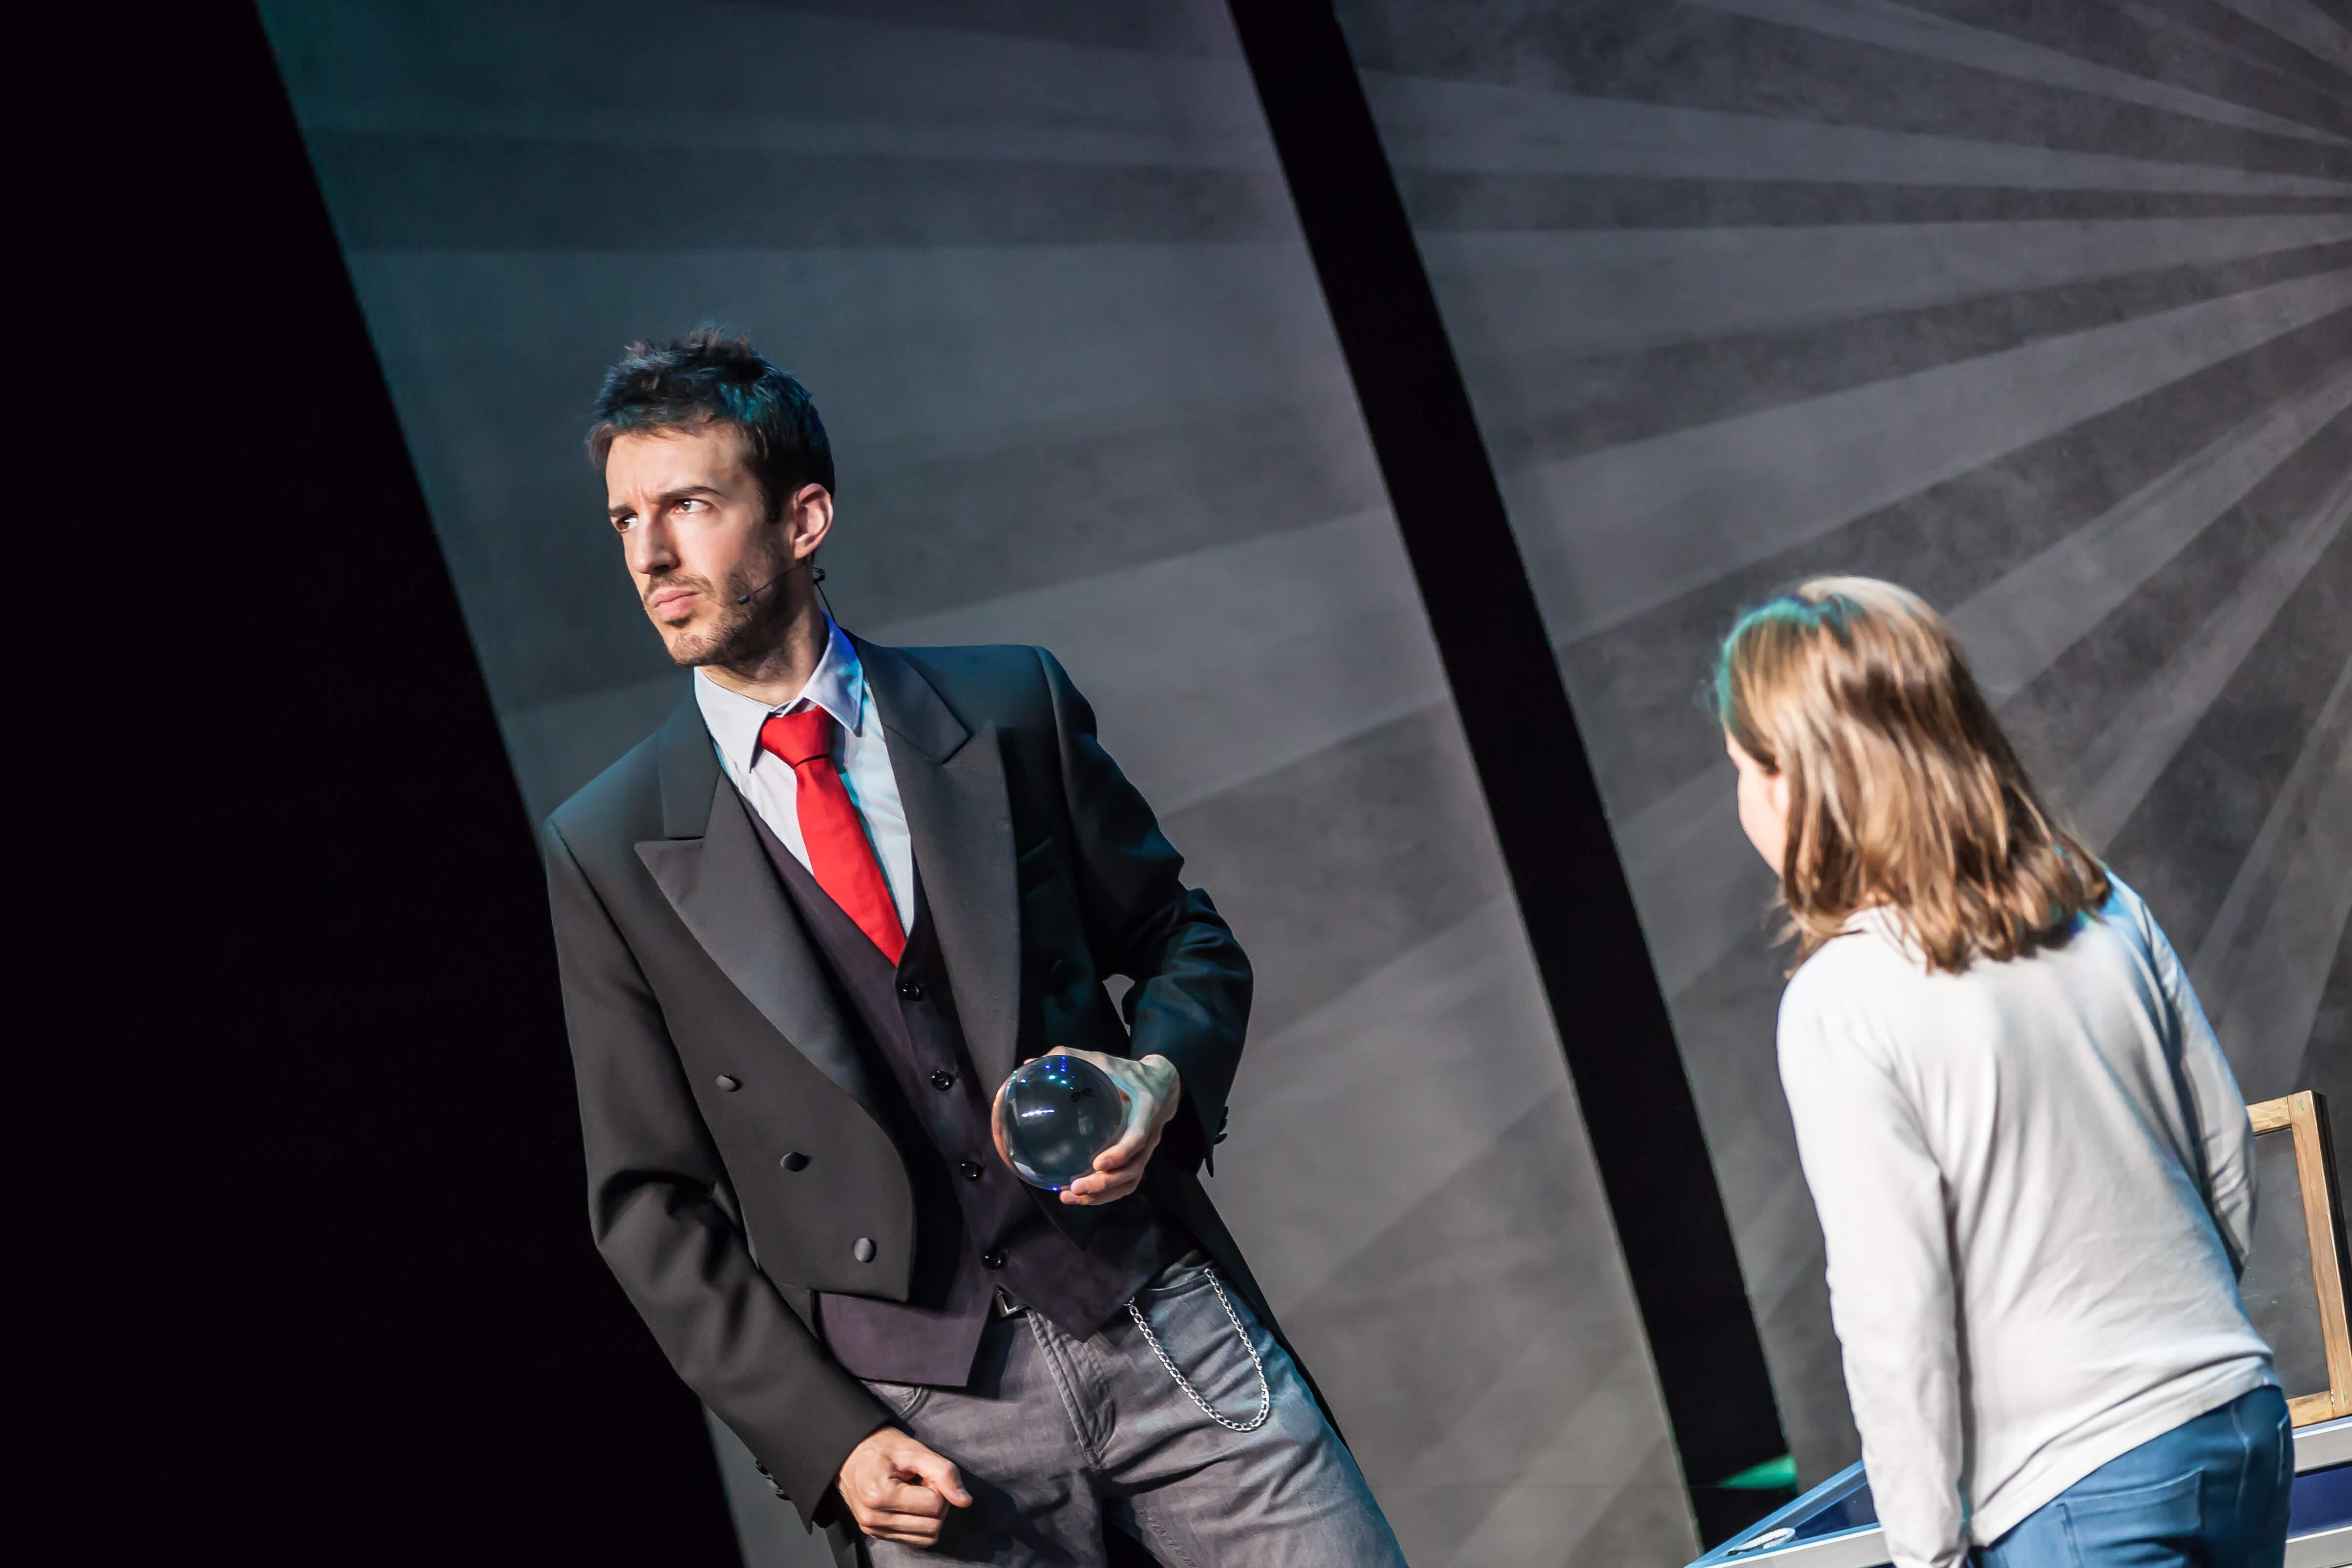 Espectáculo de magia para teatros en Logroño y La Rioja